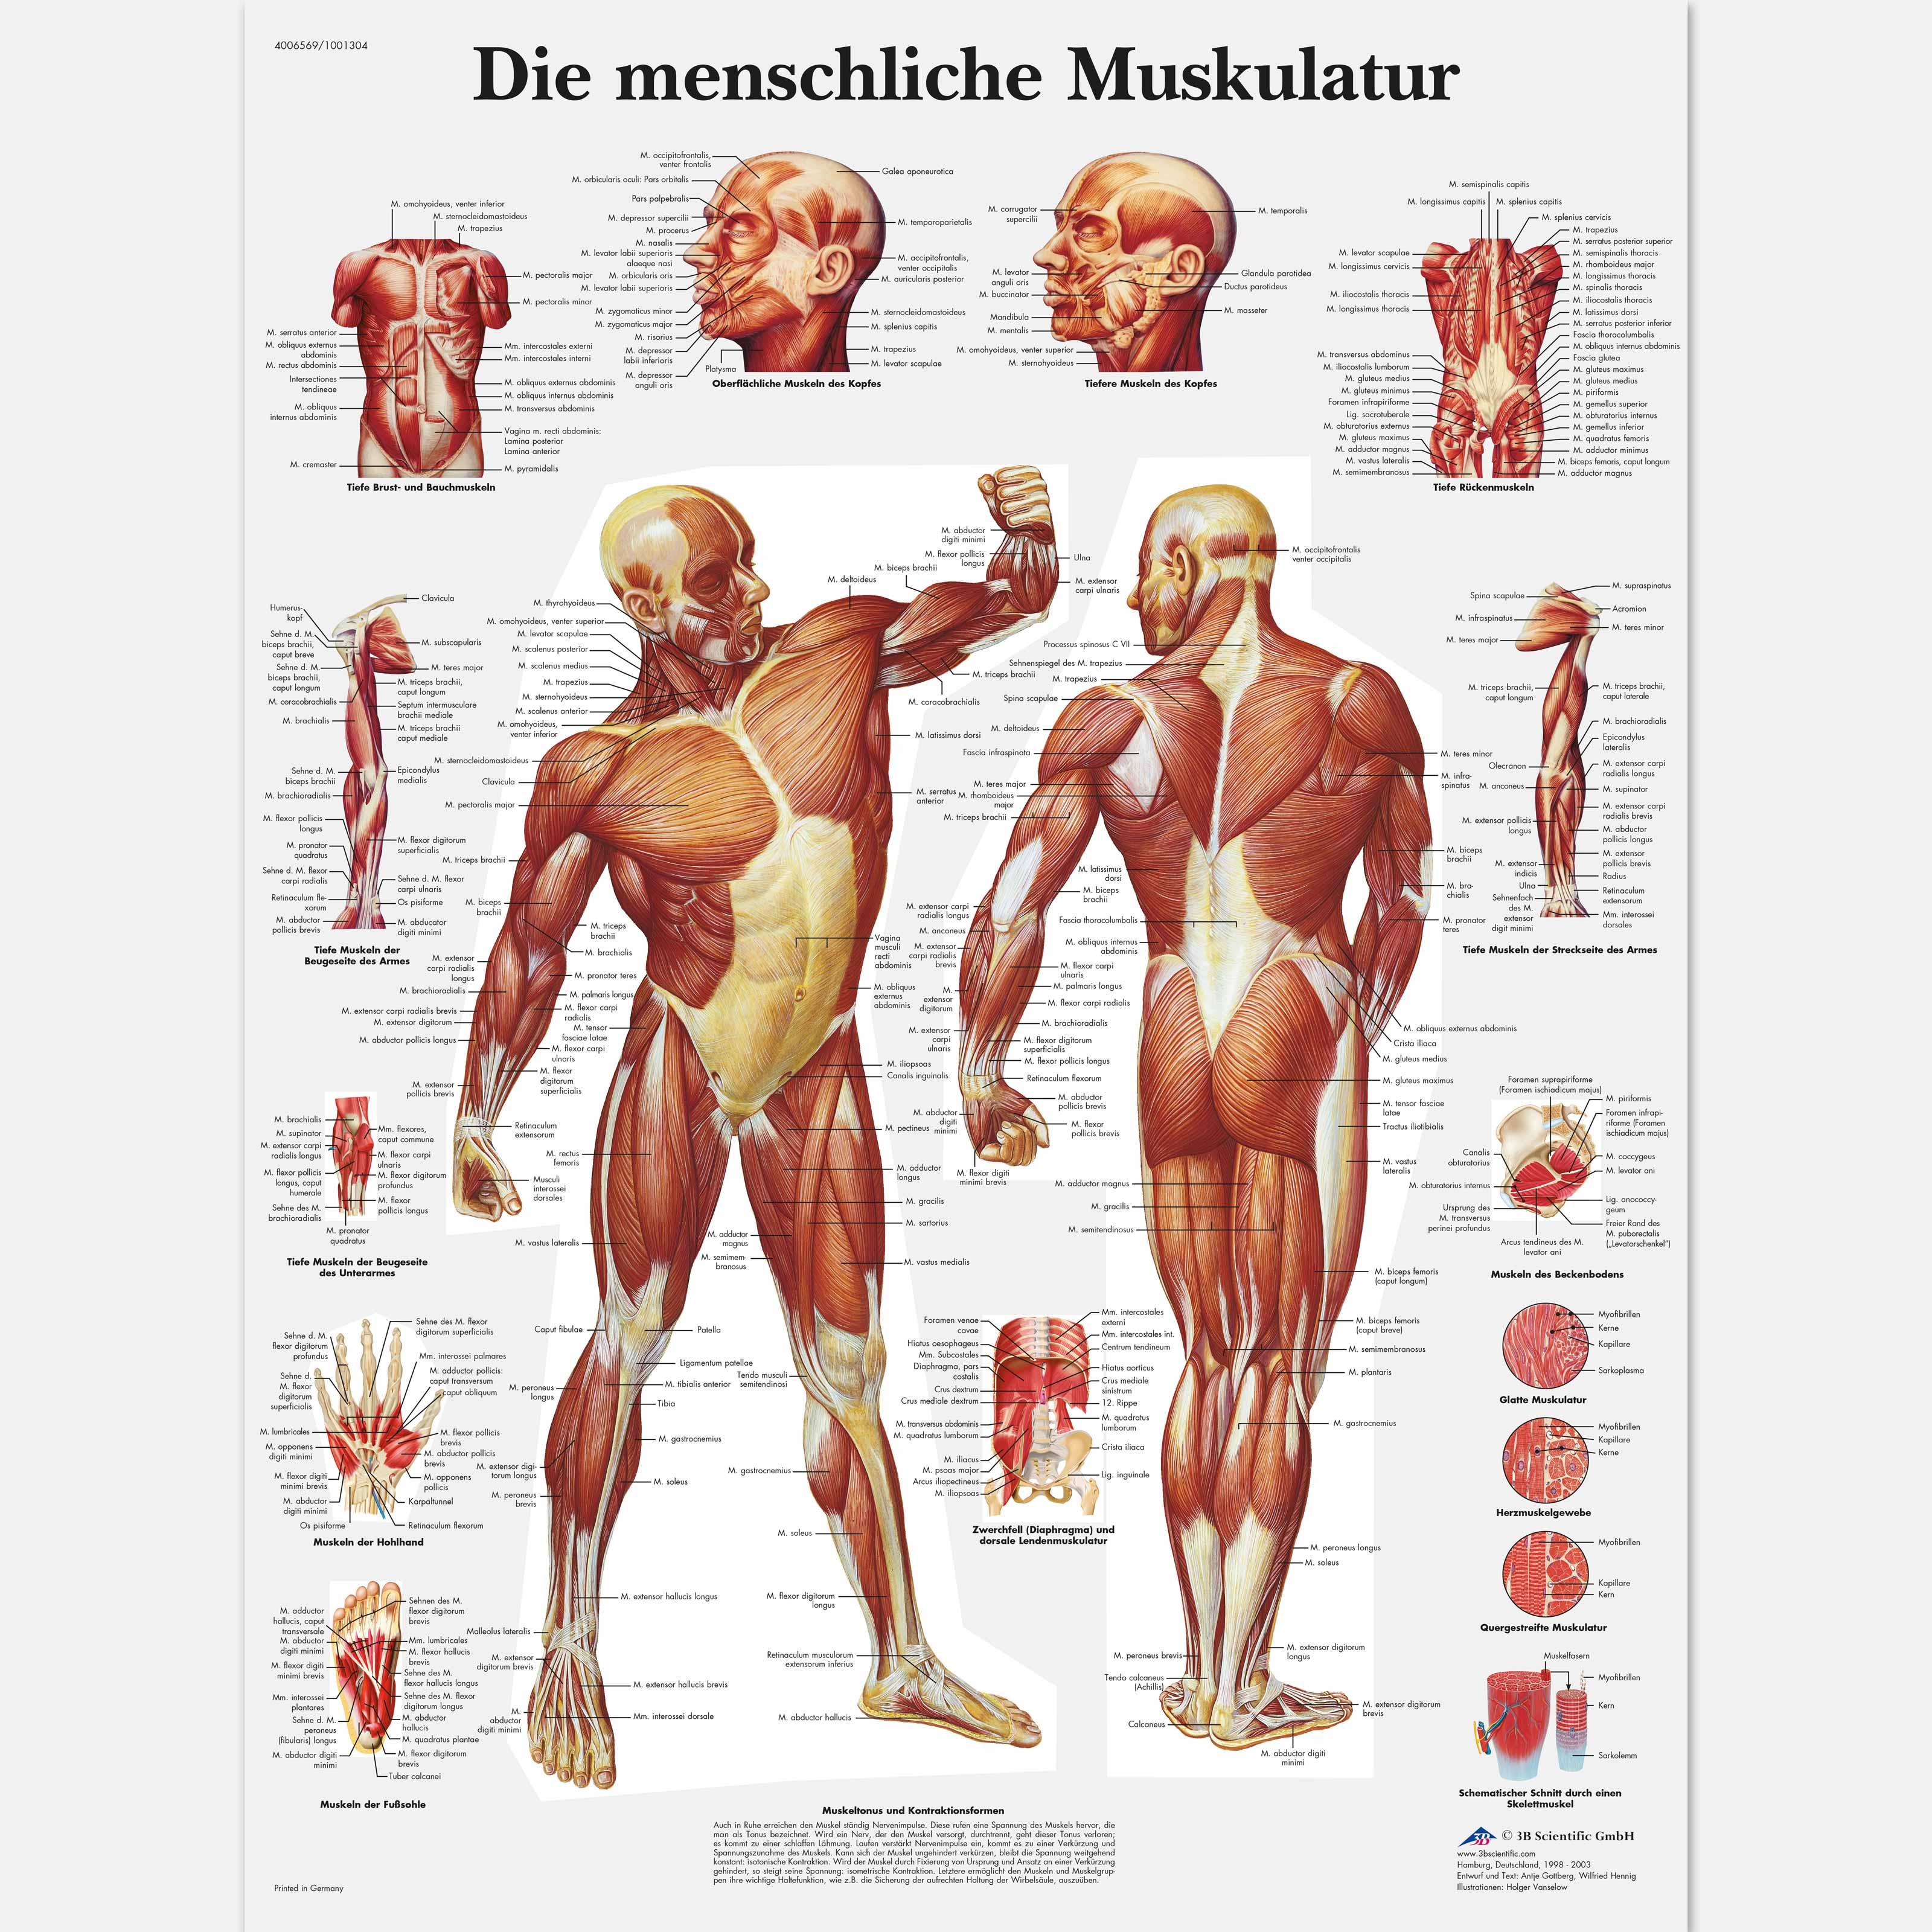 Lehrtafel - Die menschliche Muskulatur - 4006569 - VR0118UU - Muskel ...